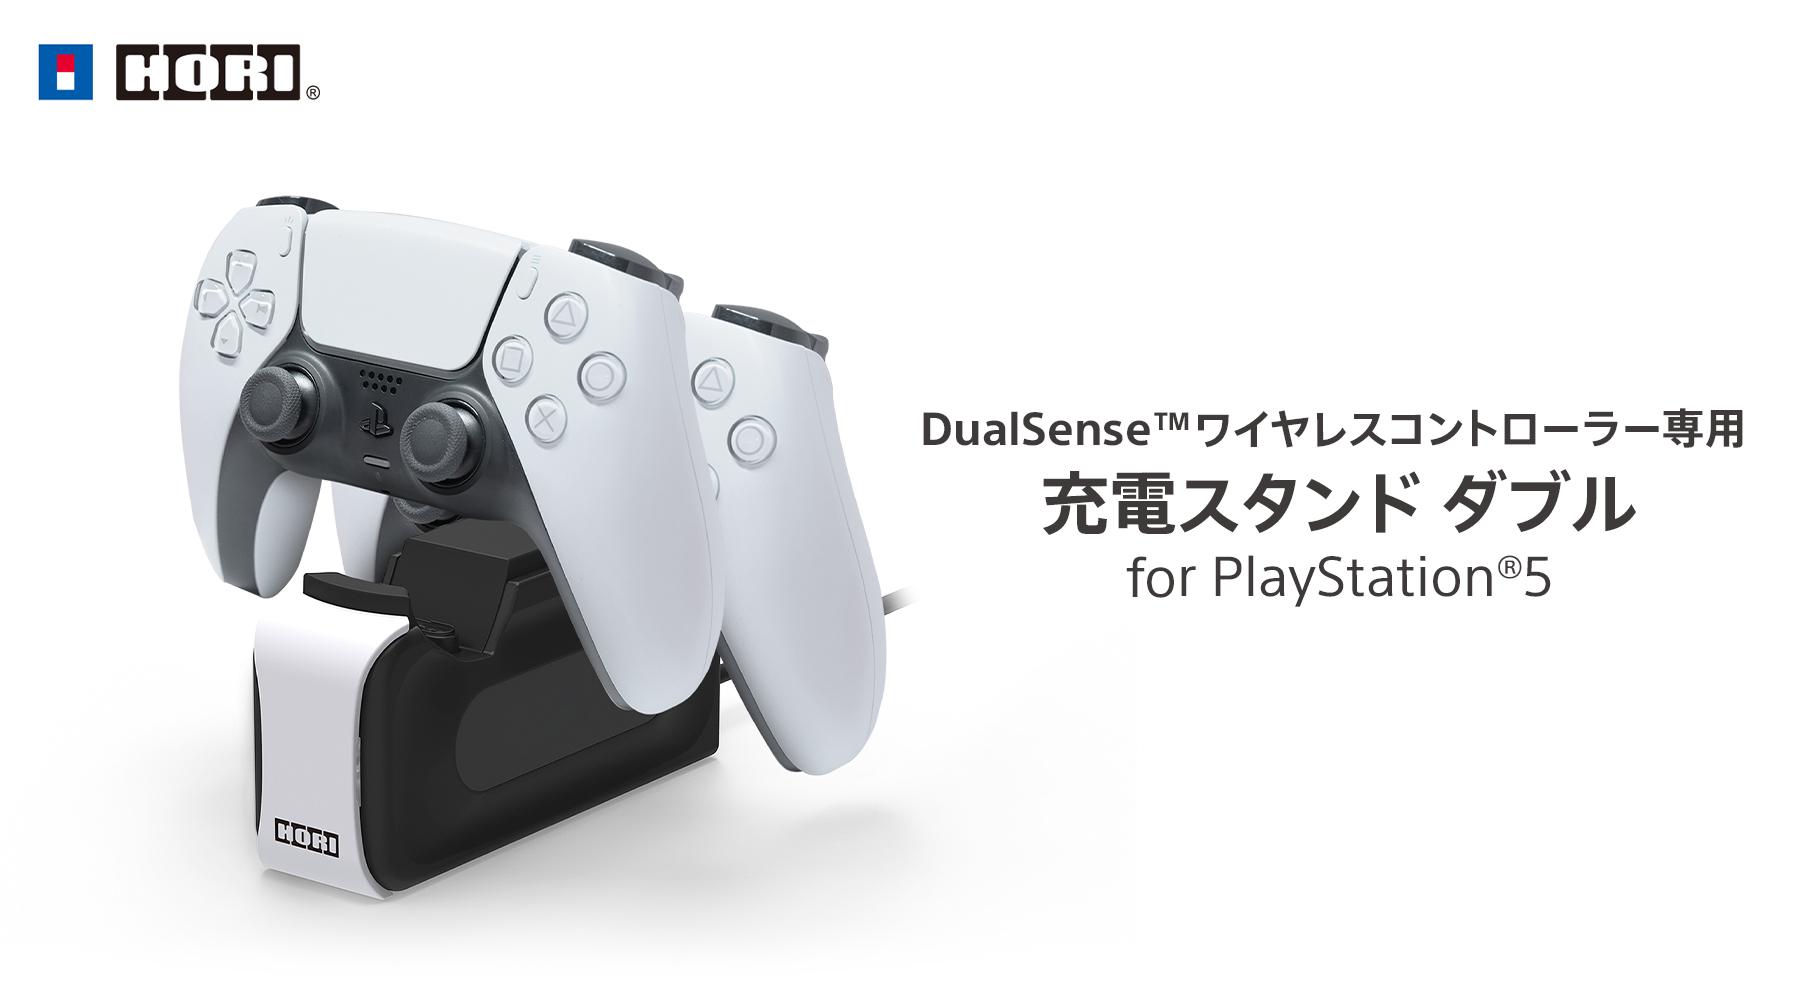 「DualSense™ワイヤレスコントローラー専用 充電スタンド ダブル for PlayStation®5」が2021年6月発売!